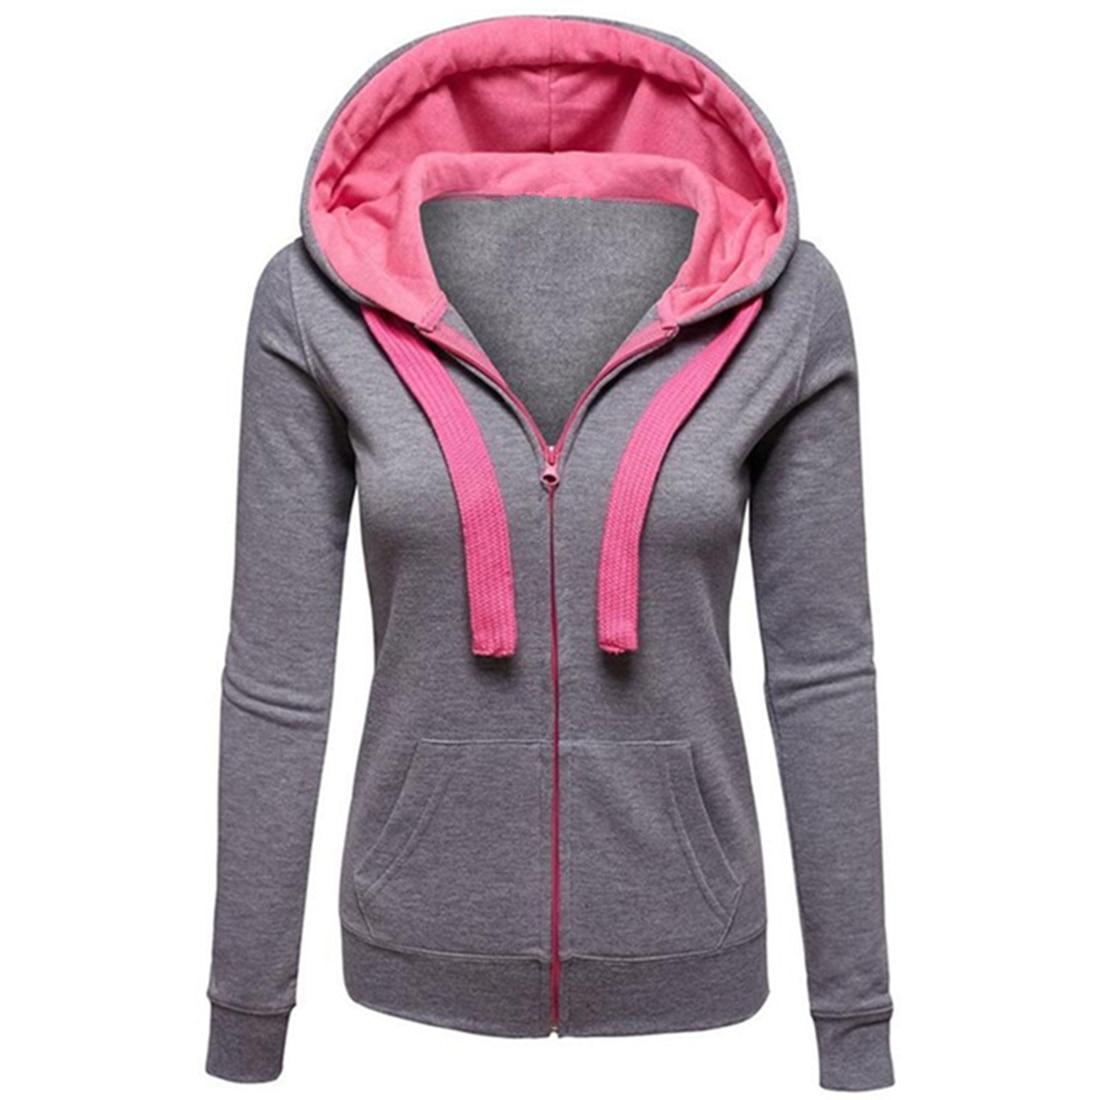 2017 modne puloverje ženske jopice priložnostne majice s dolgimi - Ženska oblačila